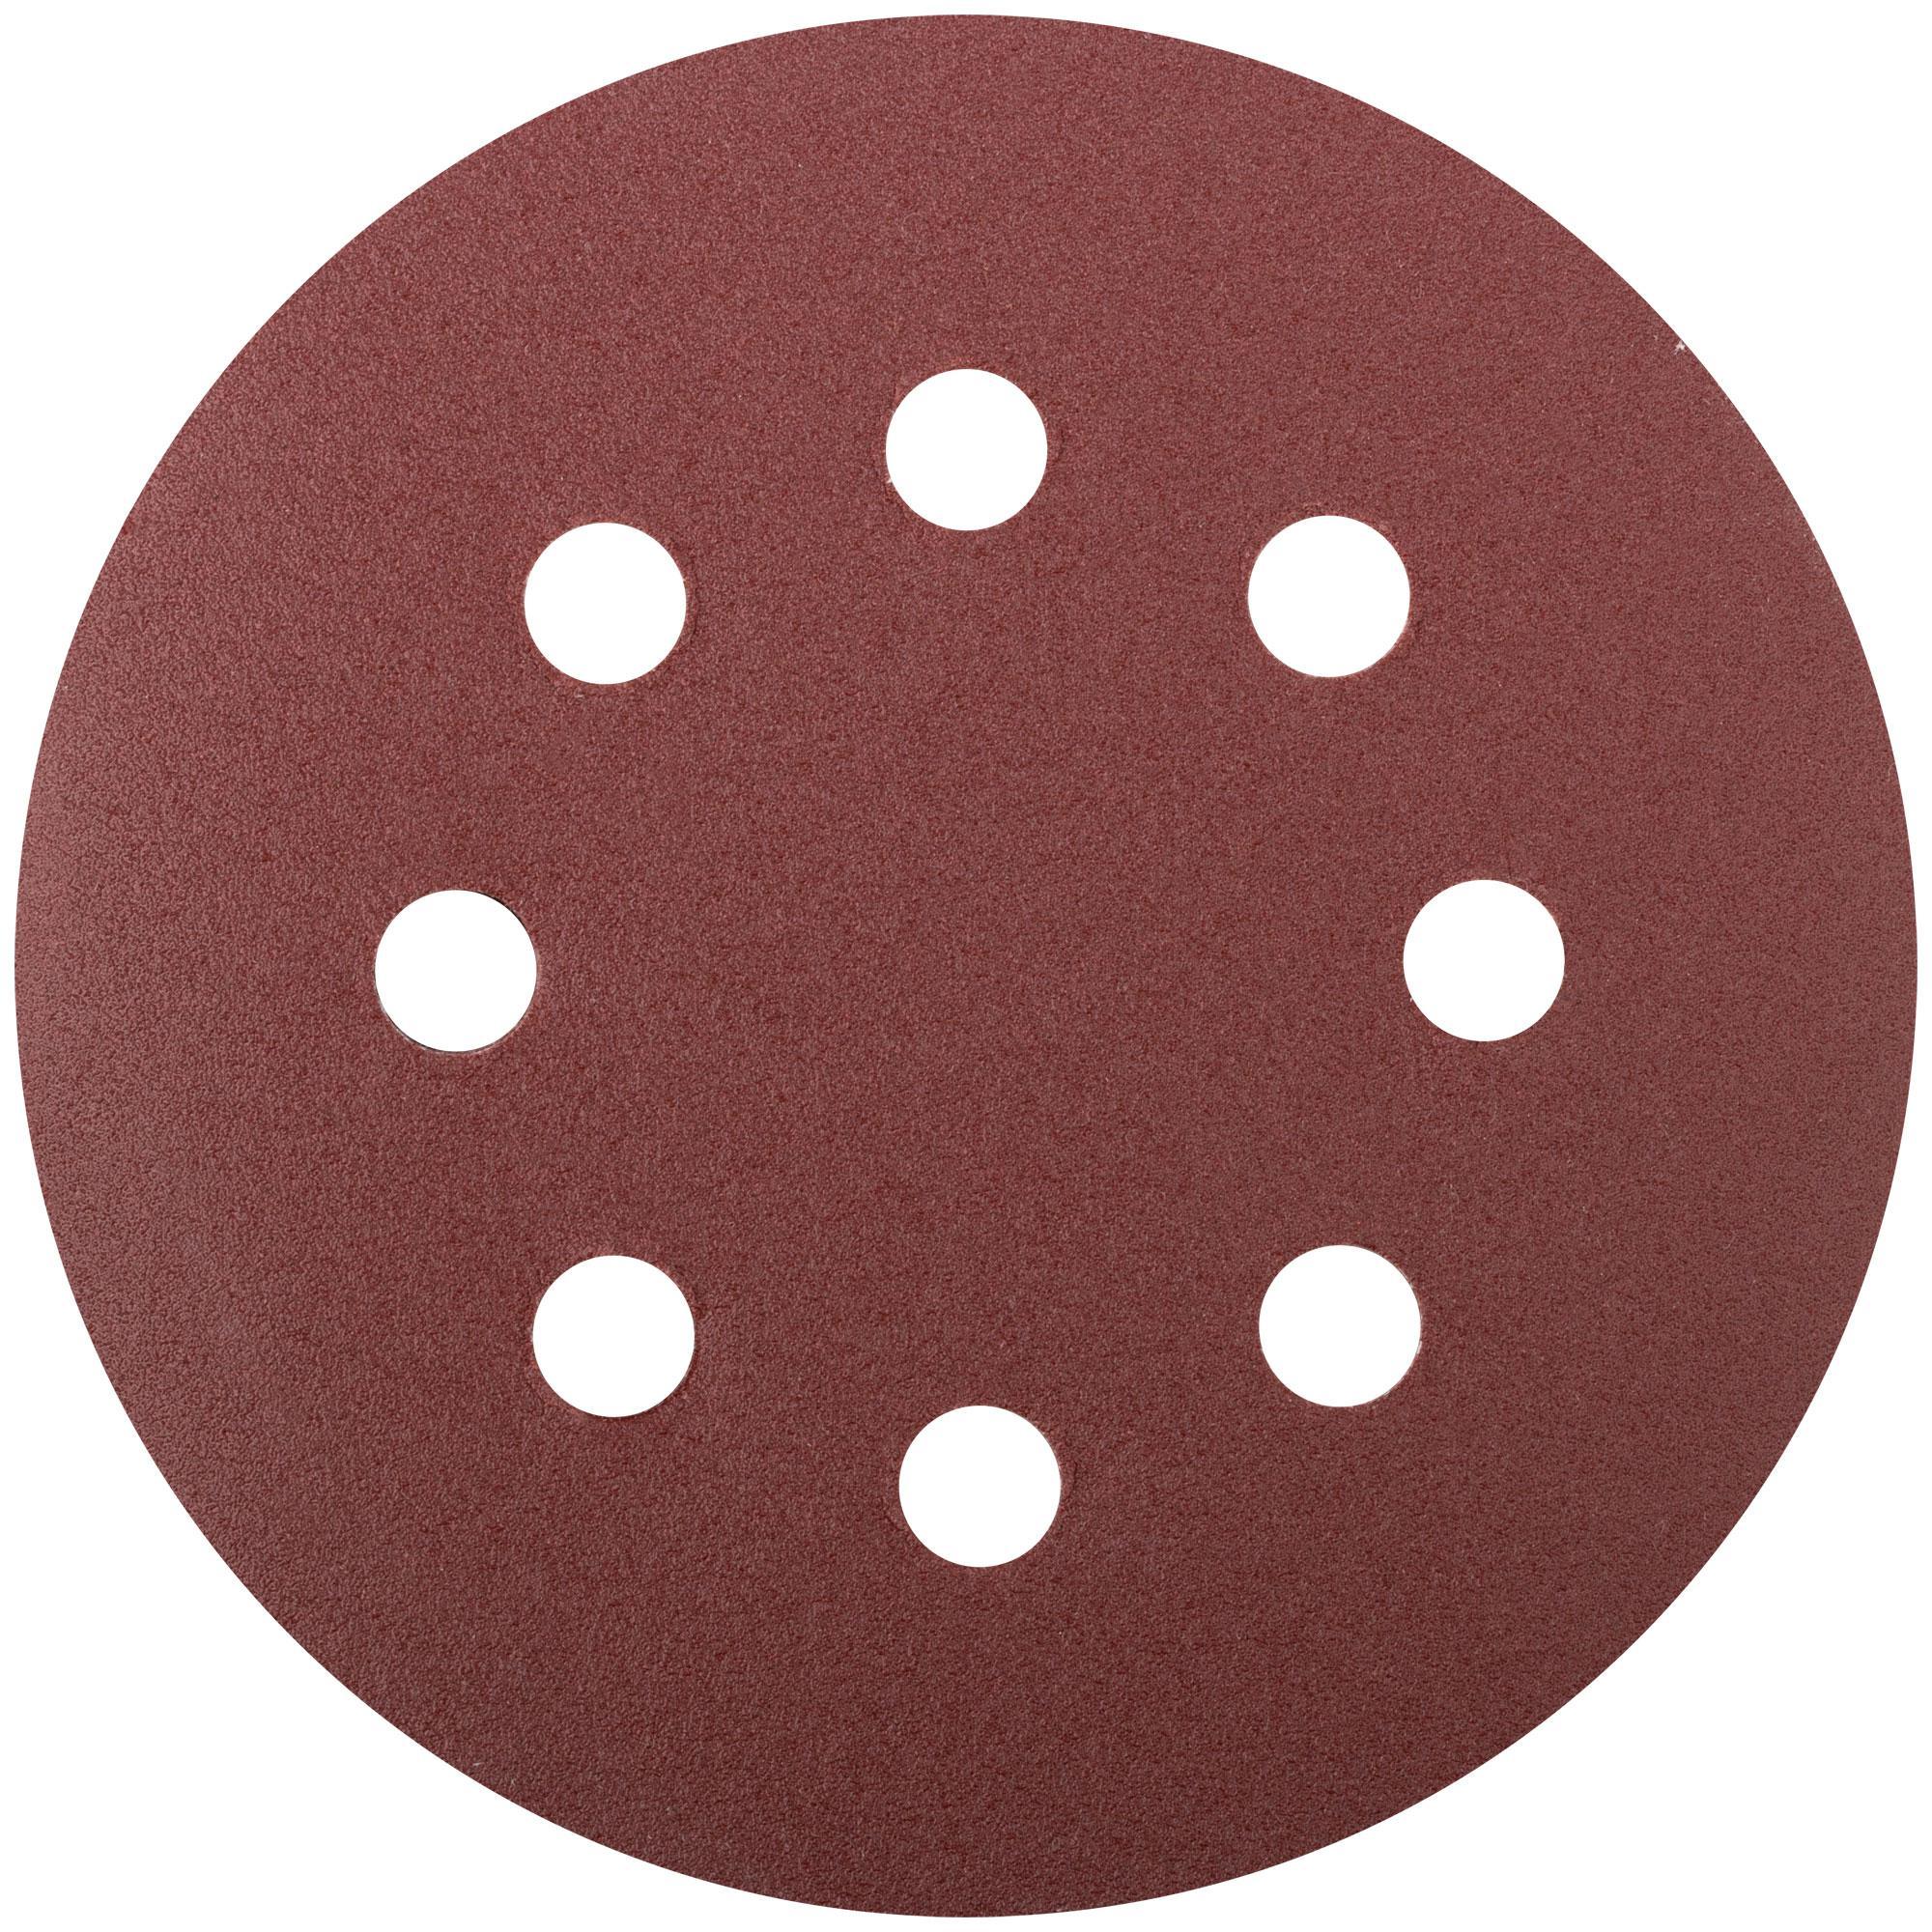 Круг шлиф. самосцепляющийся Fit 125мм p150 8отв. круг шлиф самосцепляющийся klingspor 125мм p150 8отв